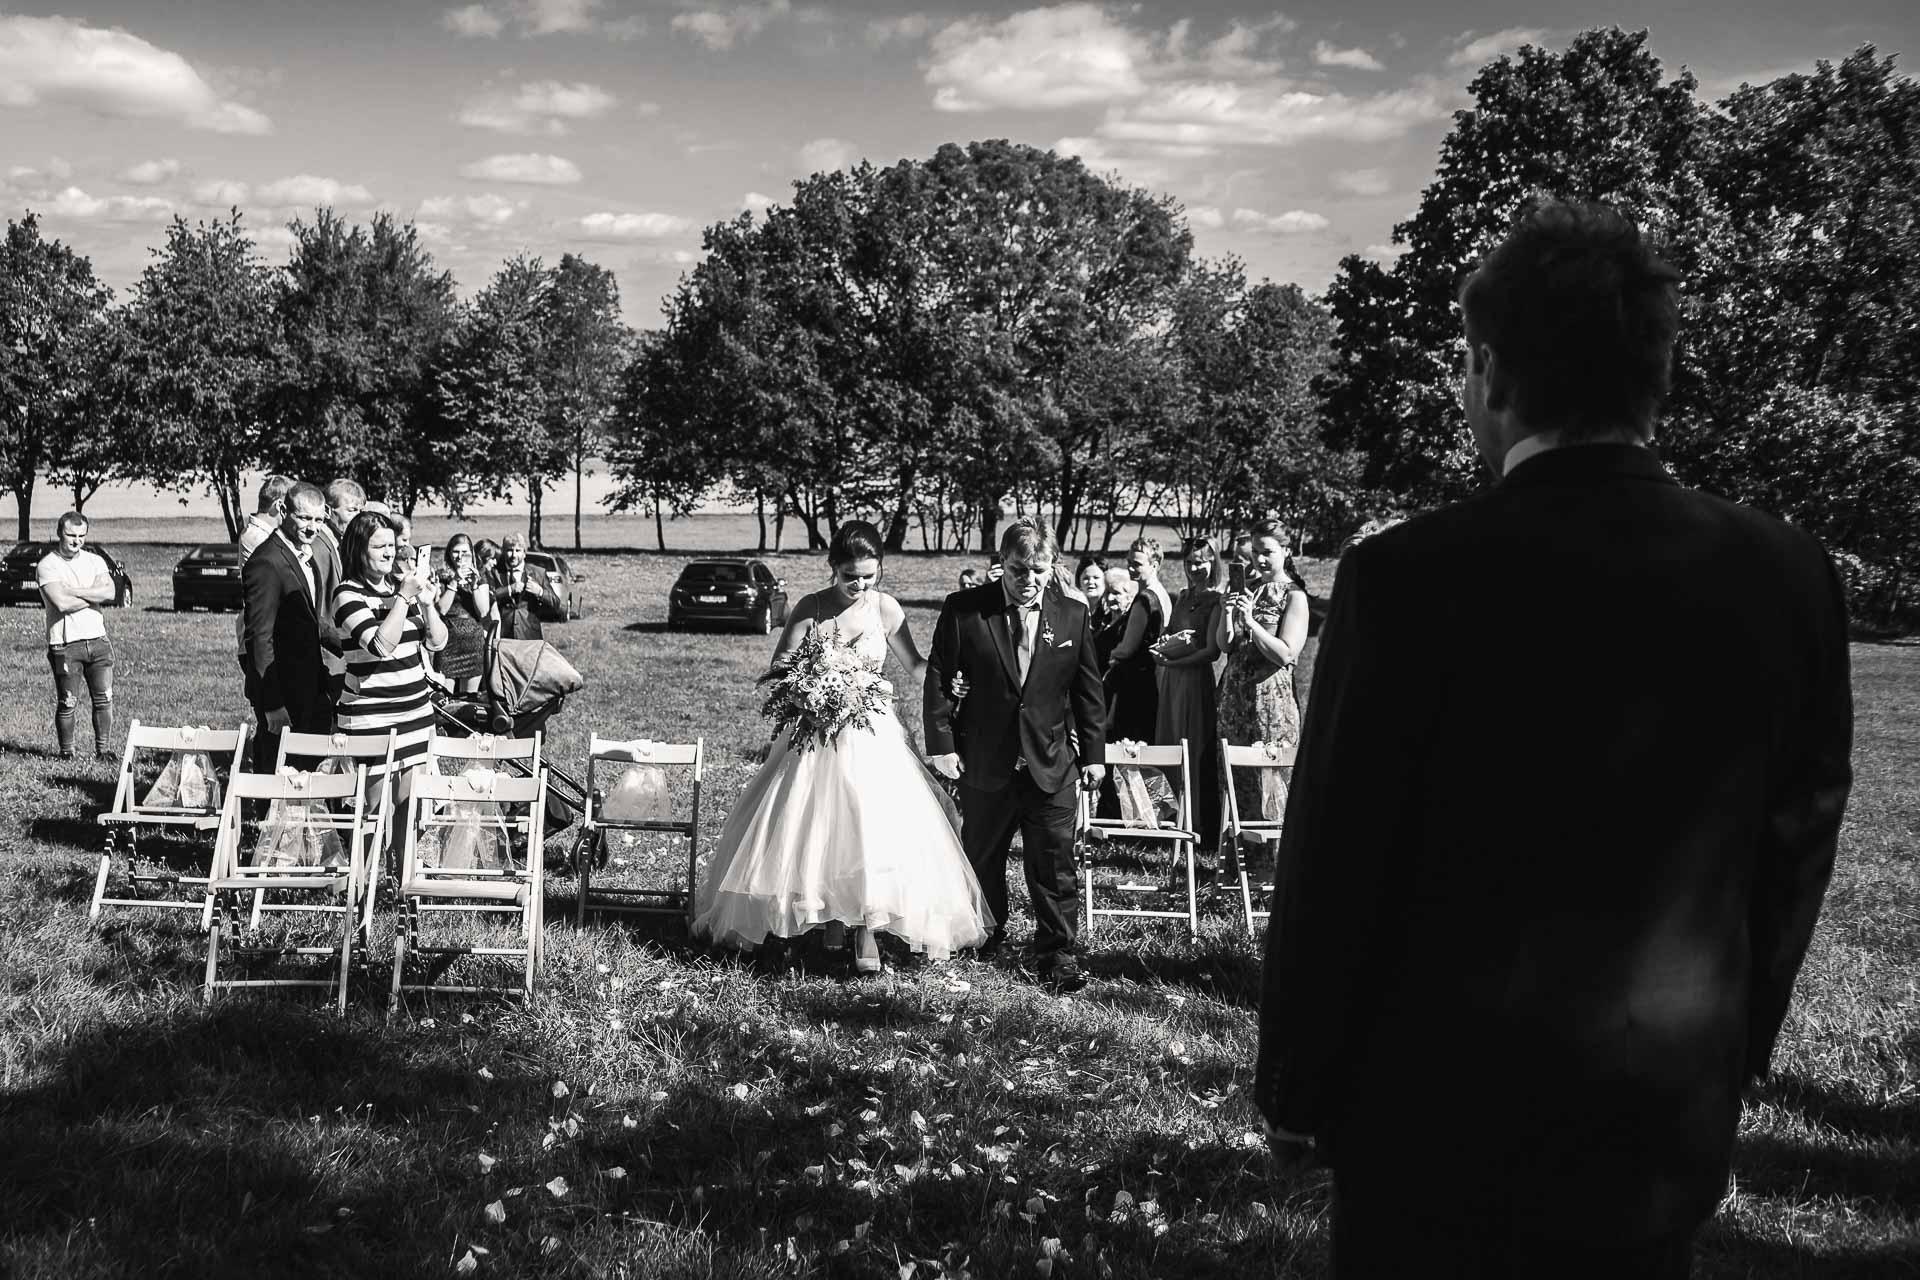 svatební-fotografie-Říp-svatební-video-ŘÍP-svatební-fotograf-ŘÍP-svatba-Mělník-svatba-Neratovice-fotograf-na-savtbu-kameraman-na-svatbu-87